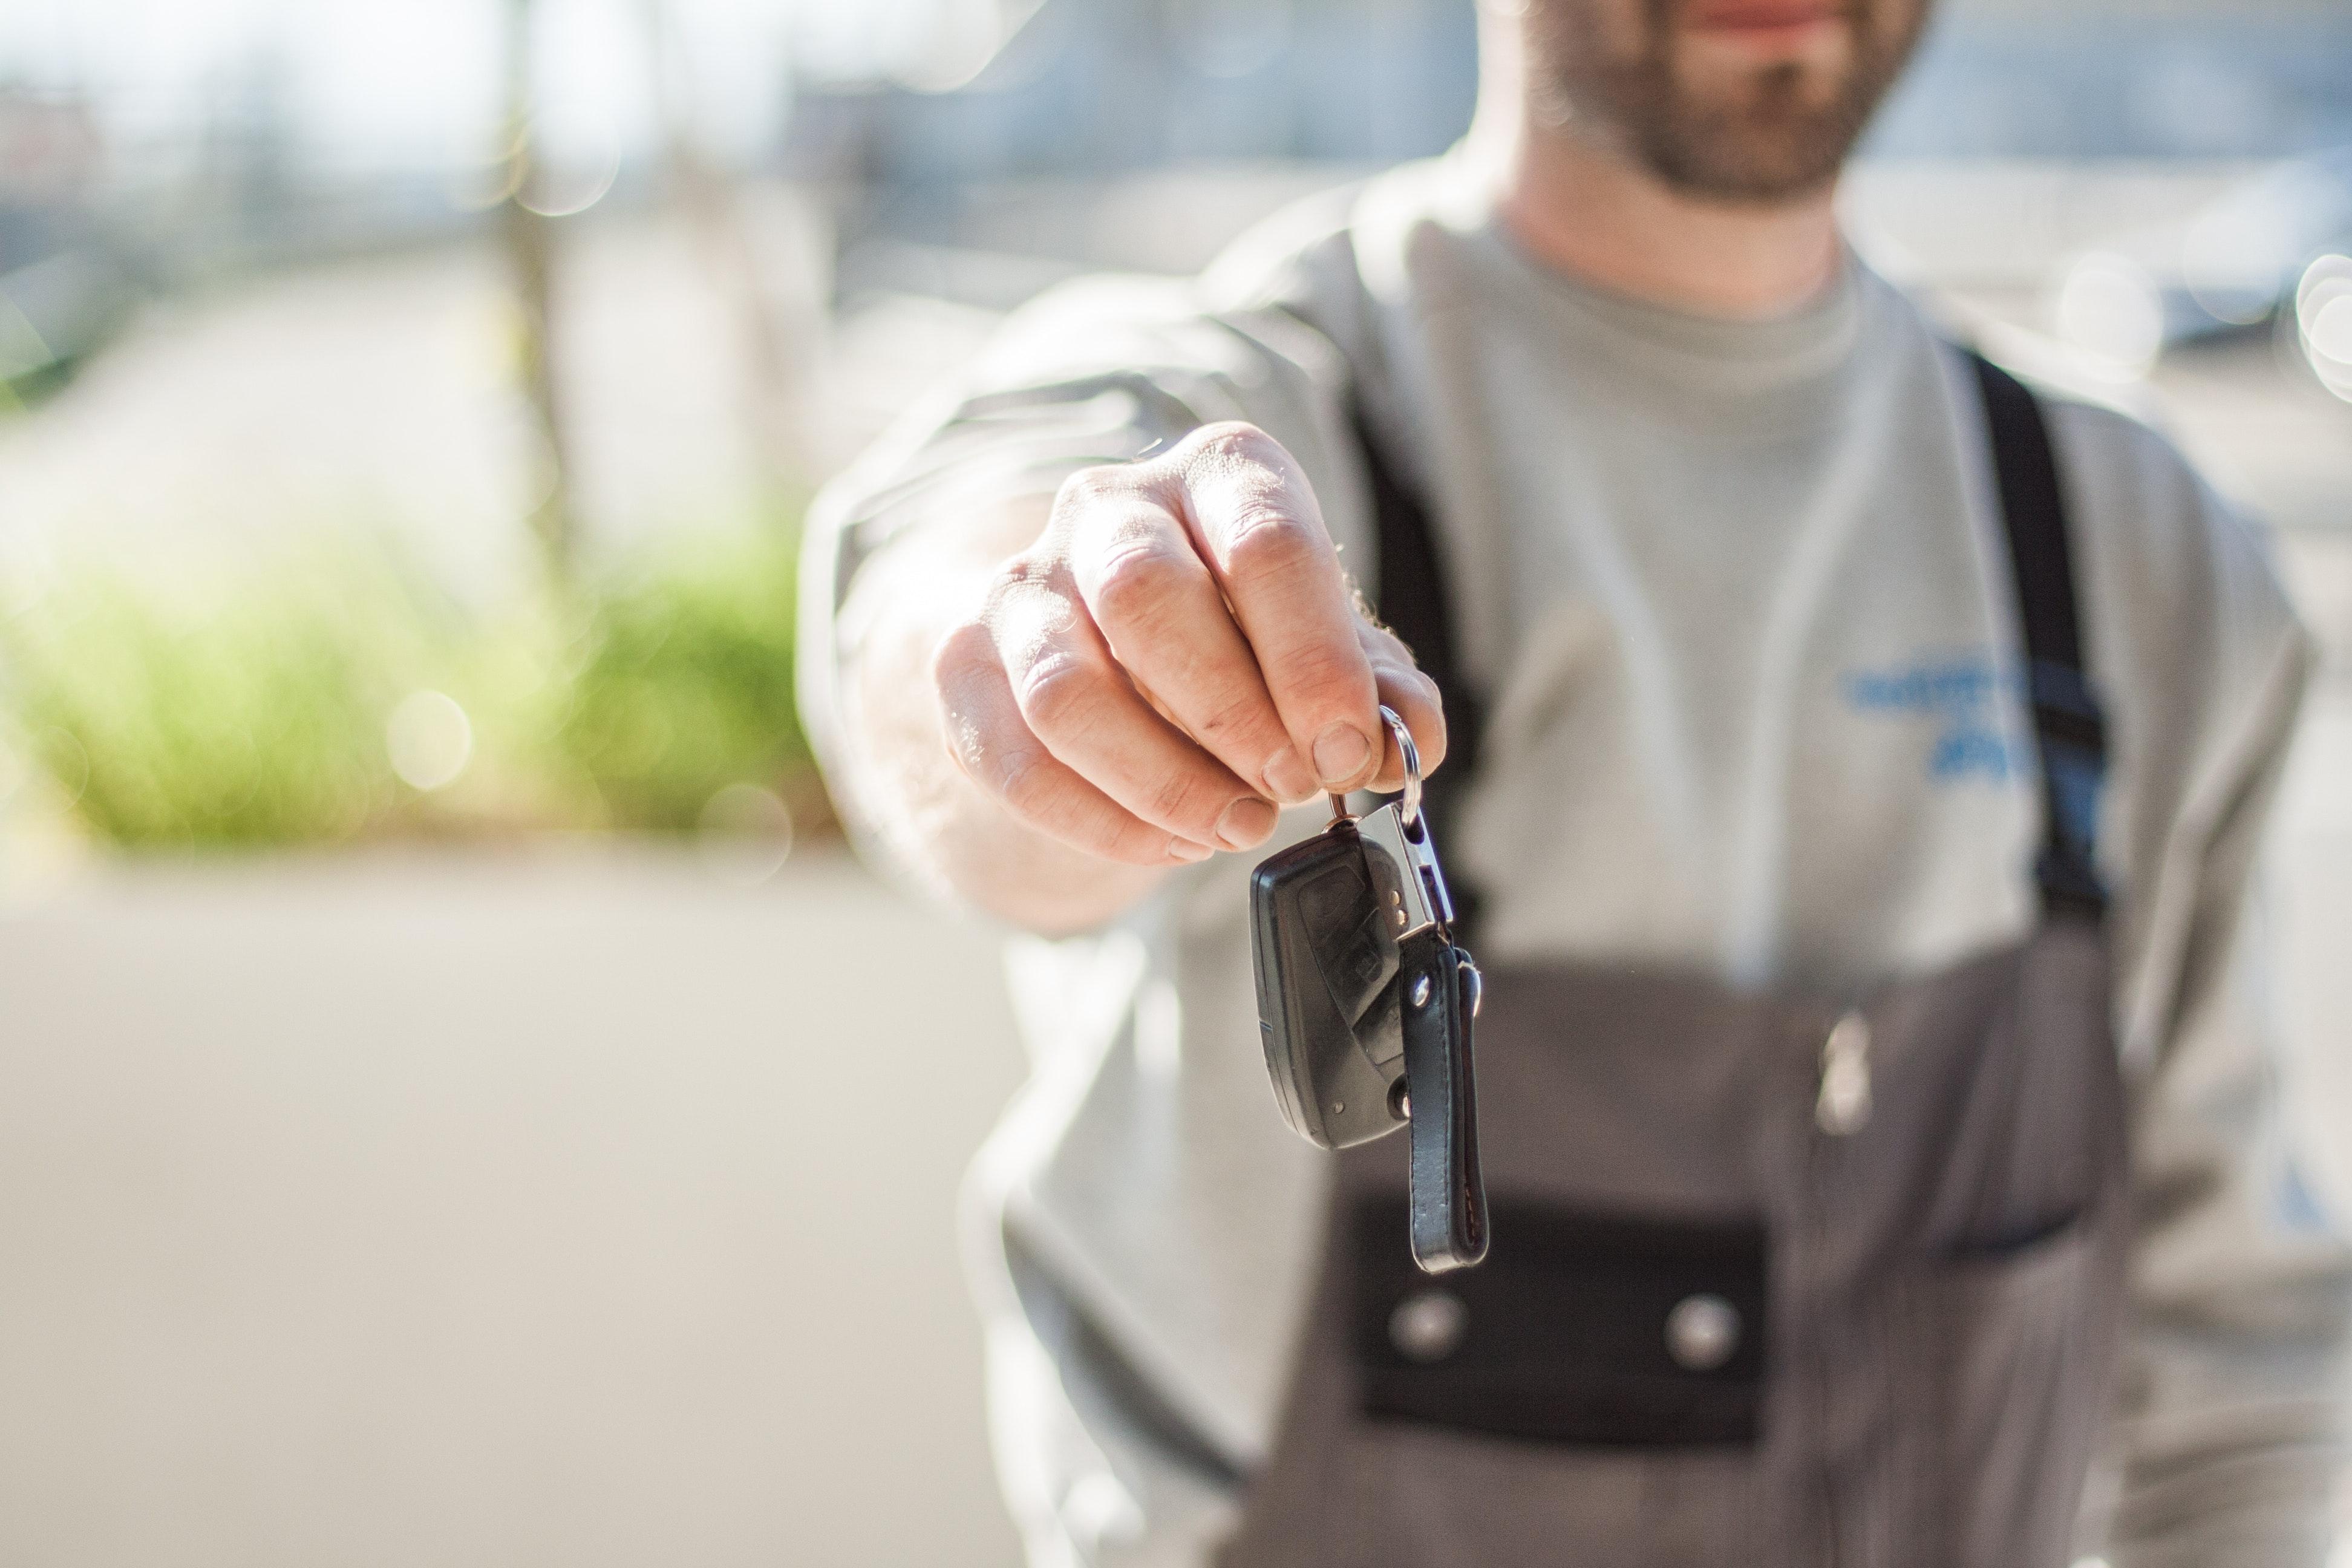 Klidnou, bezpečnou a spolehlivou jízdu vám zajistí pravidelná kontrola vozu